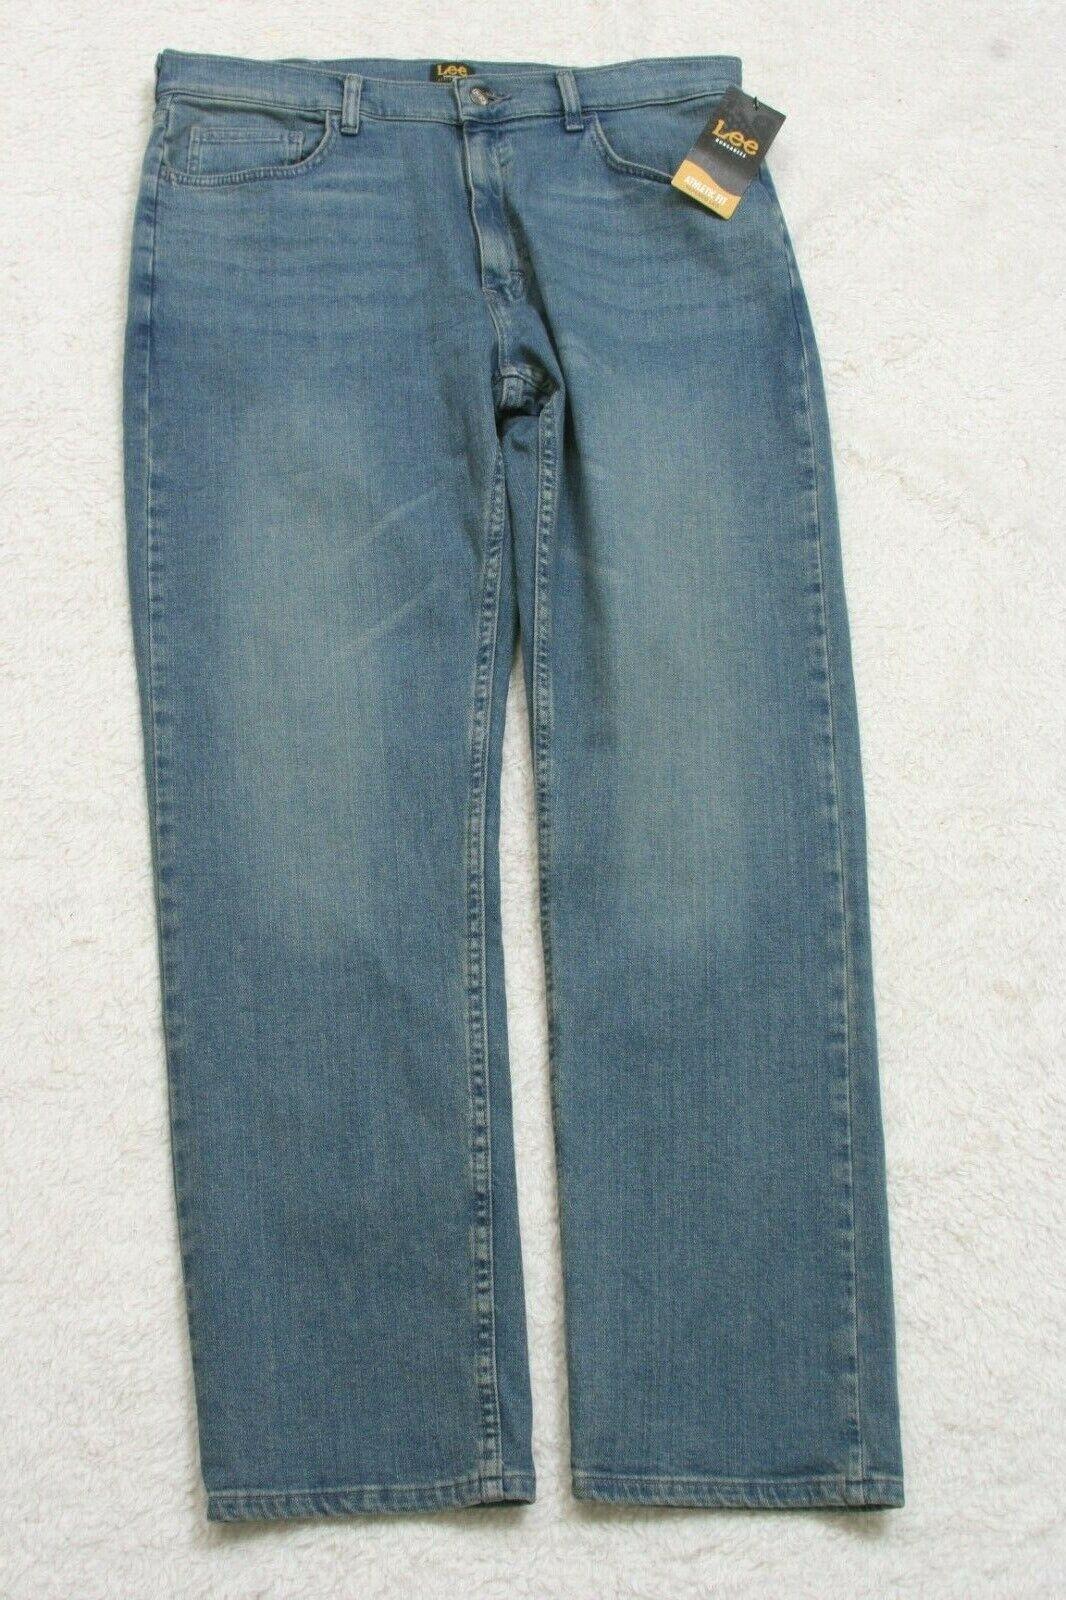 New Lee Dungarees Blue Jeans Pants Denim Solid Men's Cotton